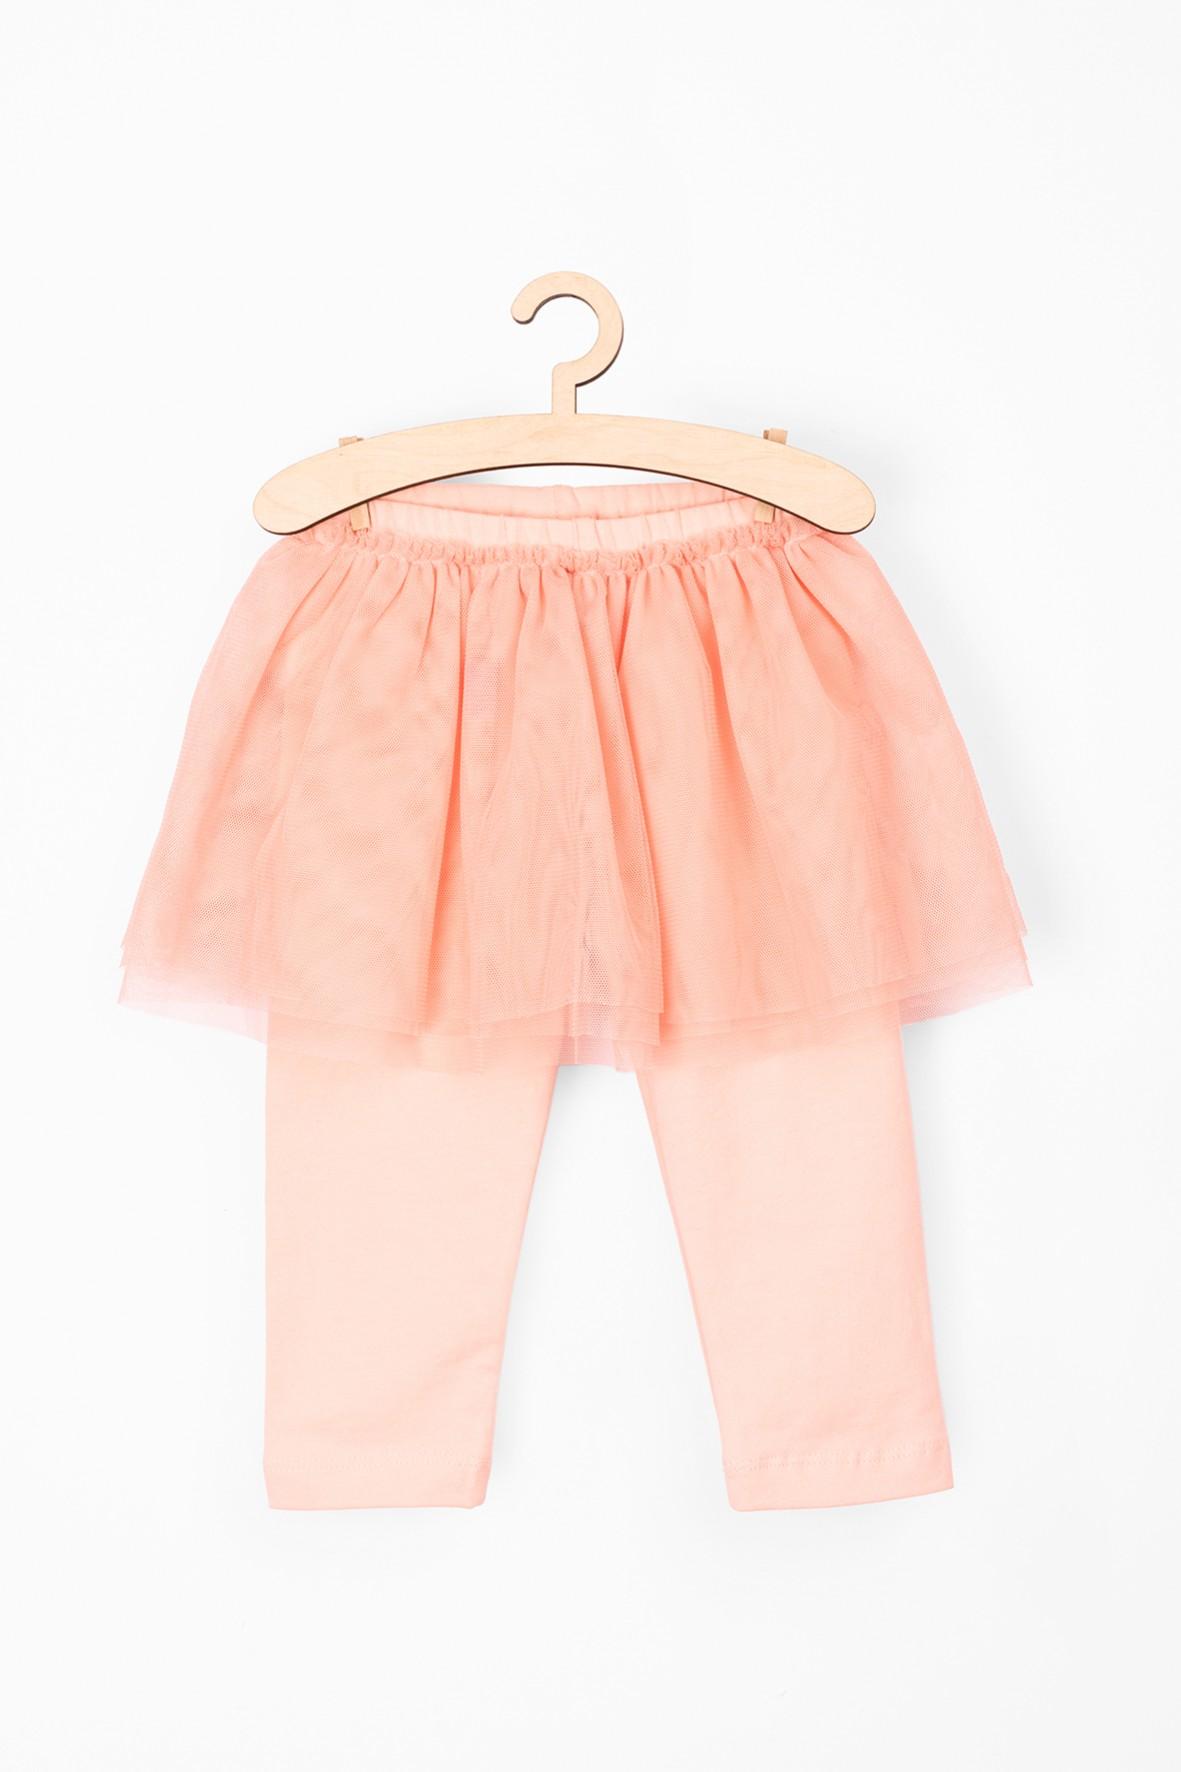 Leginsy niemowlęce różowe z tiulową spódniczką